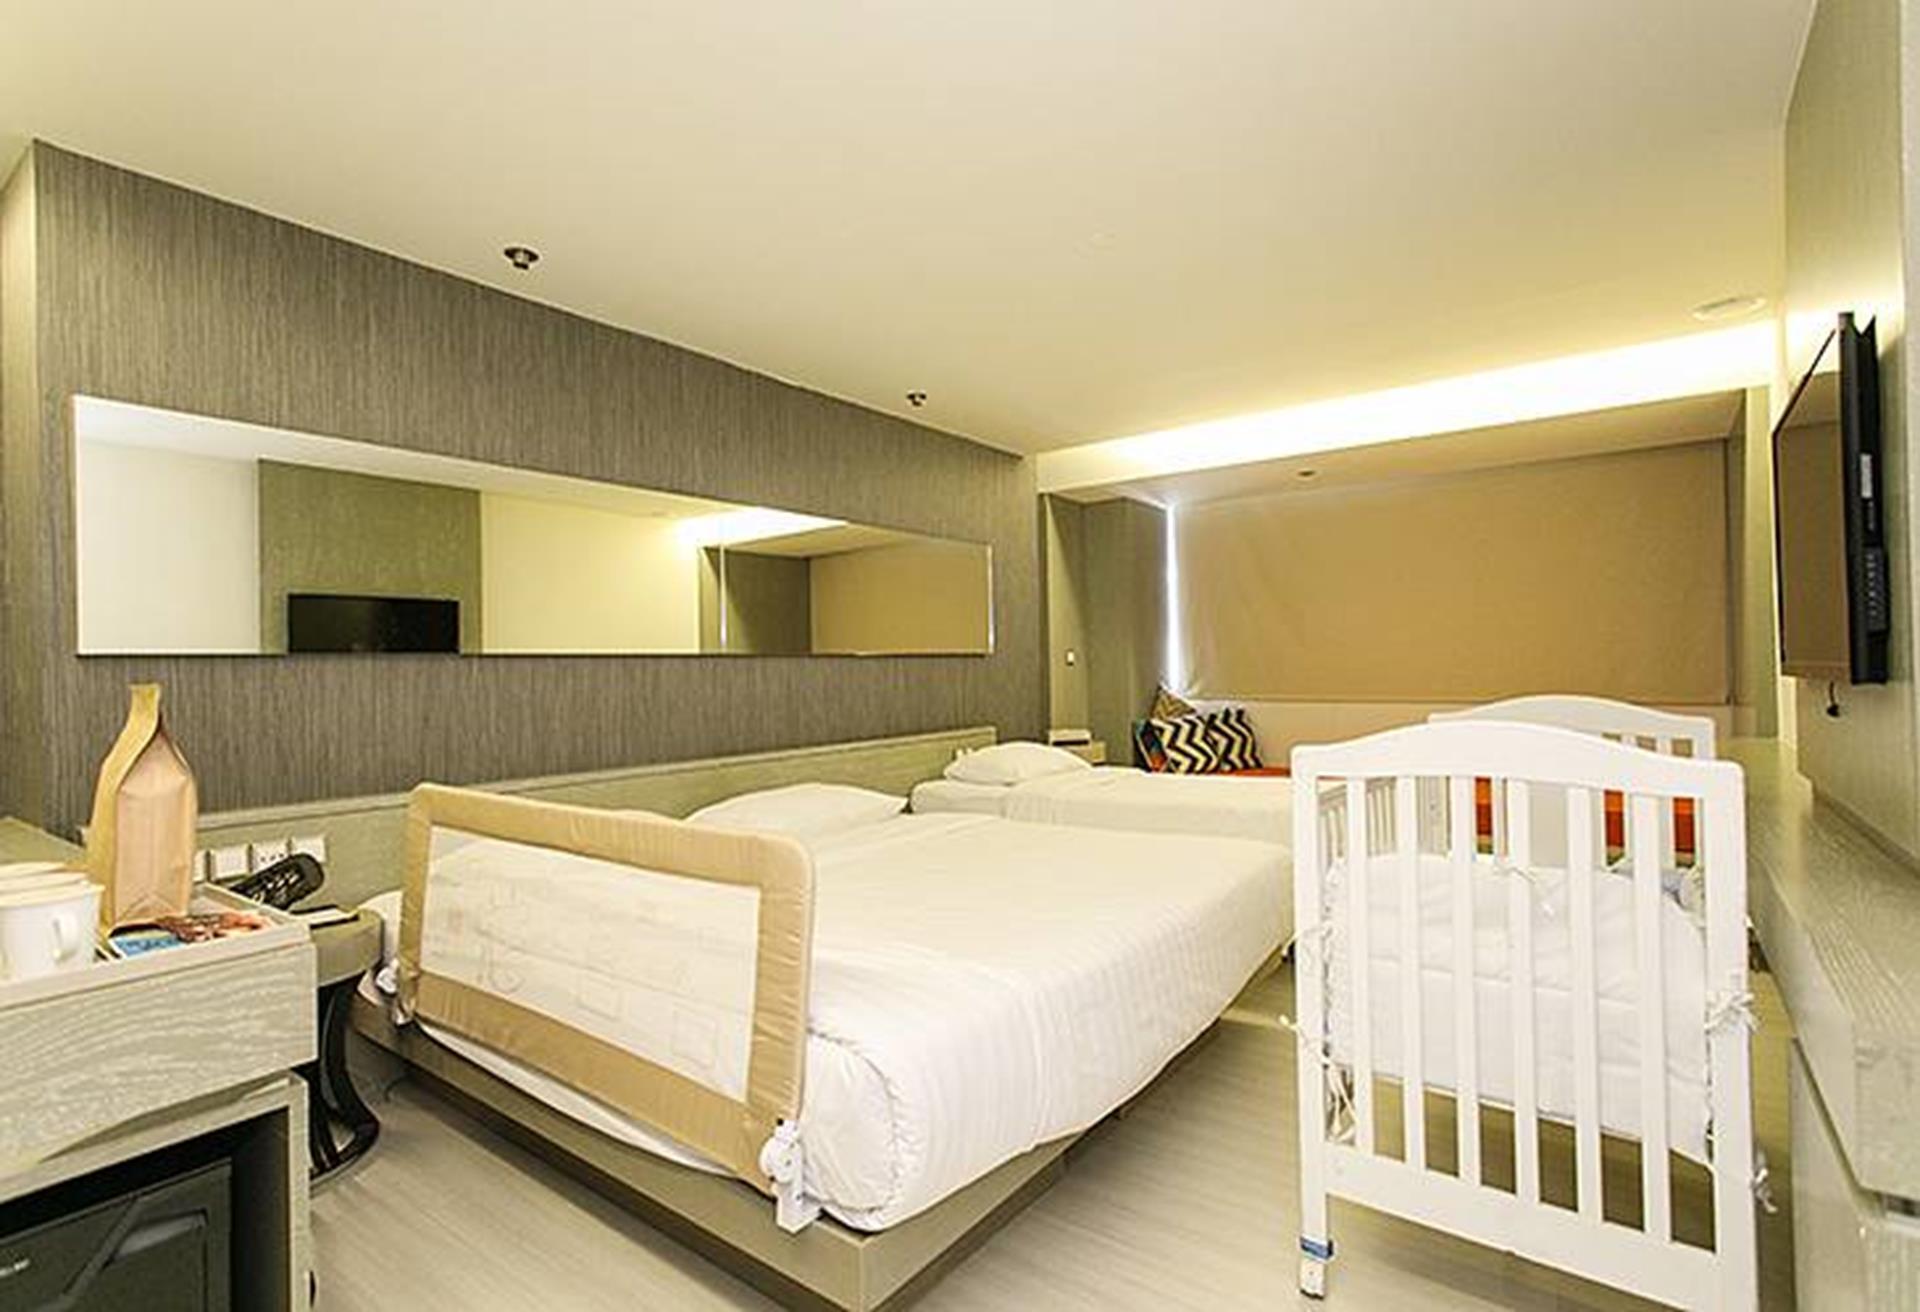 薆悅酒店野柳渡假館,新北市親子飯店,新北市飯店,新北 五星級飯店